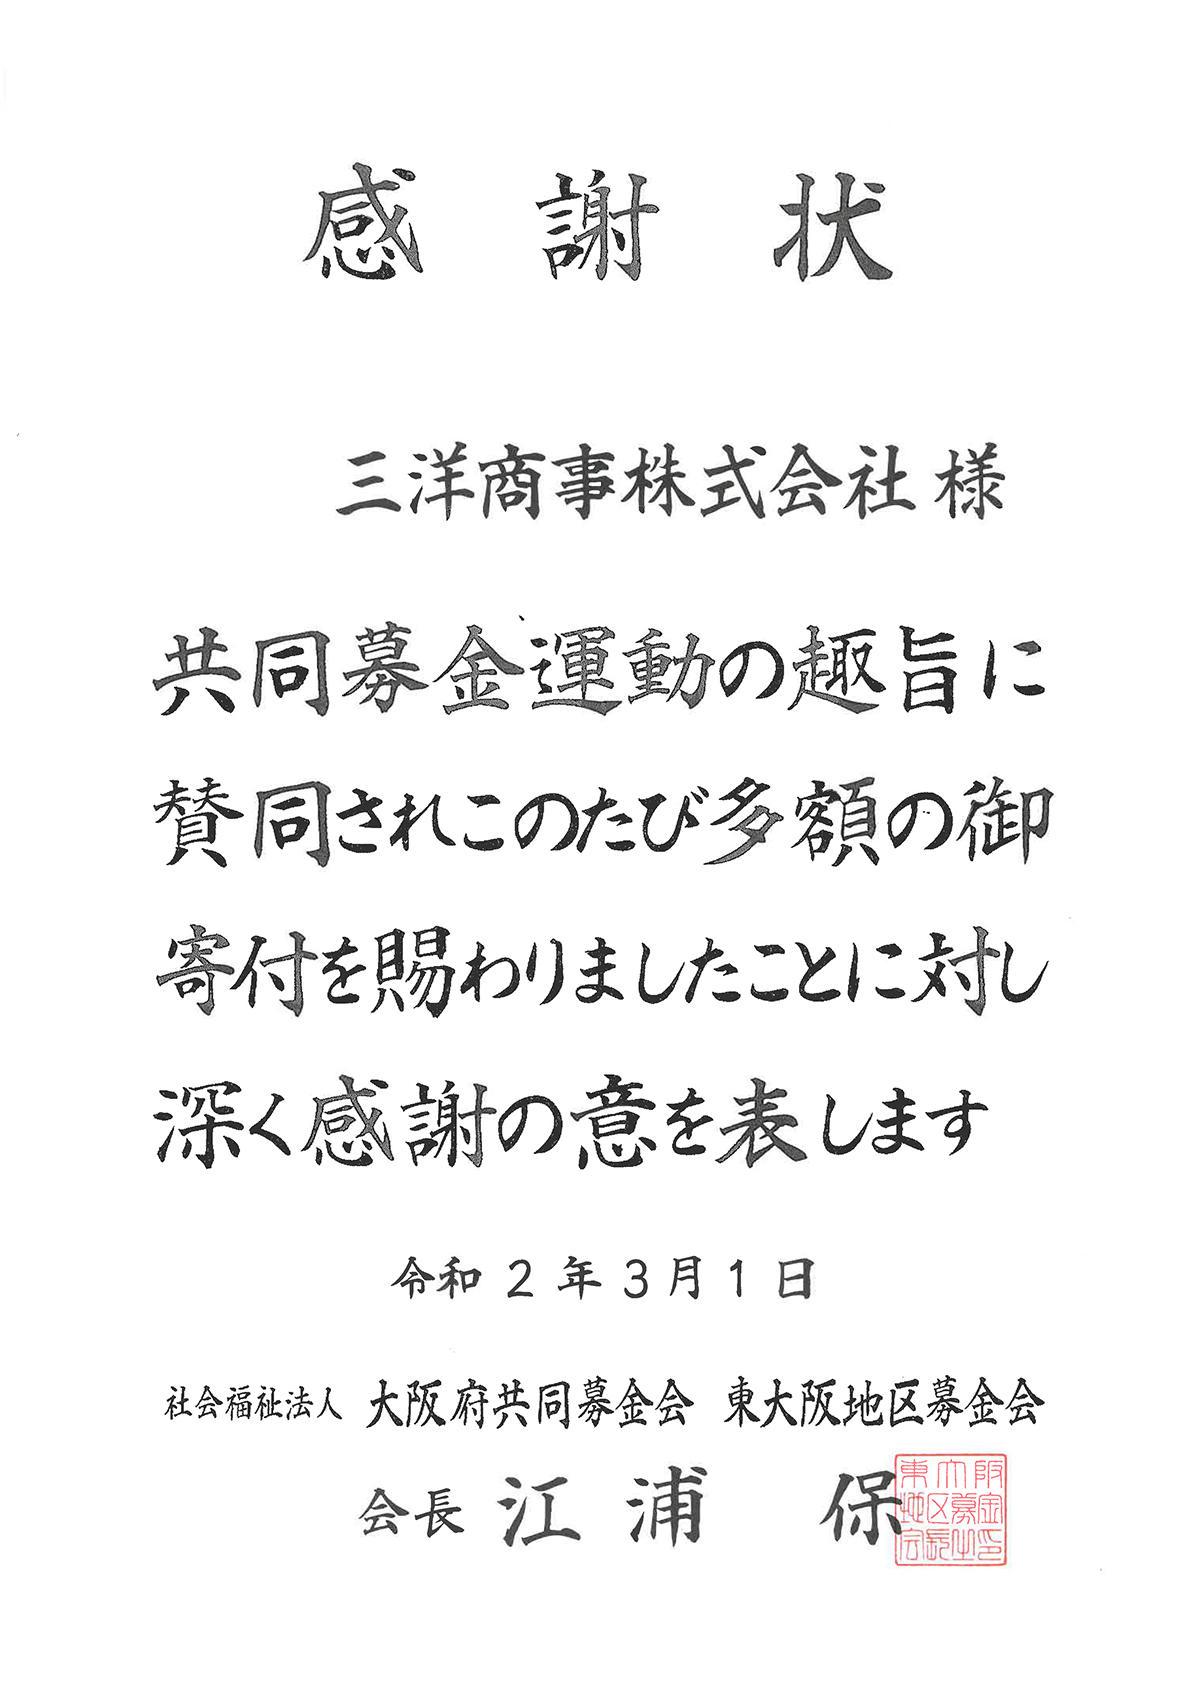 img_20200702_hyousyoujyou.jpg